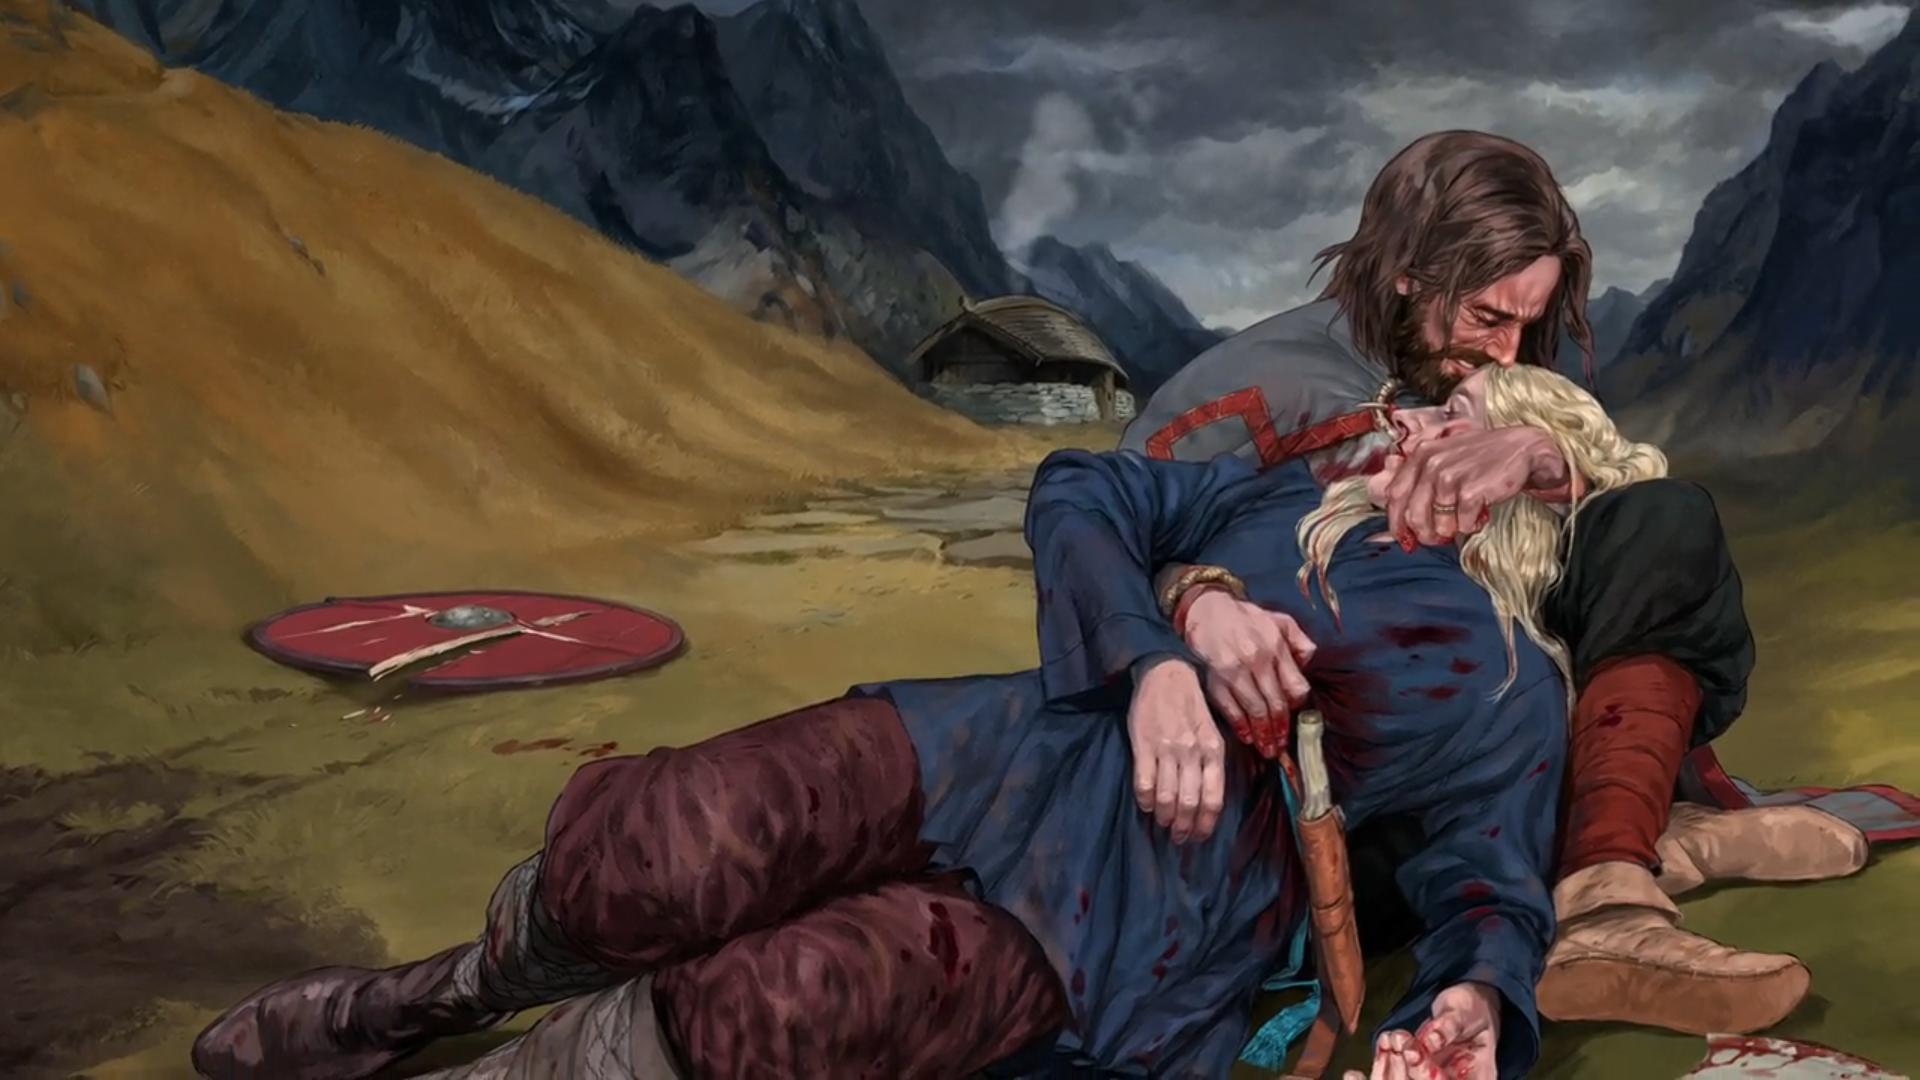 blood feud key art.png